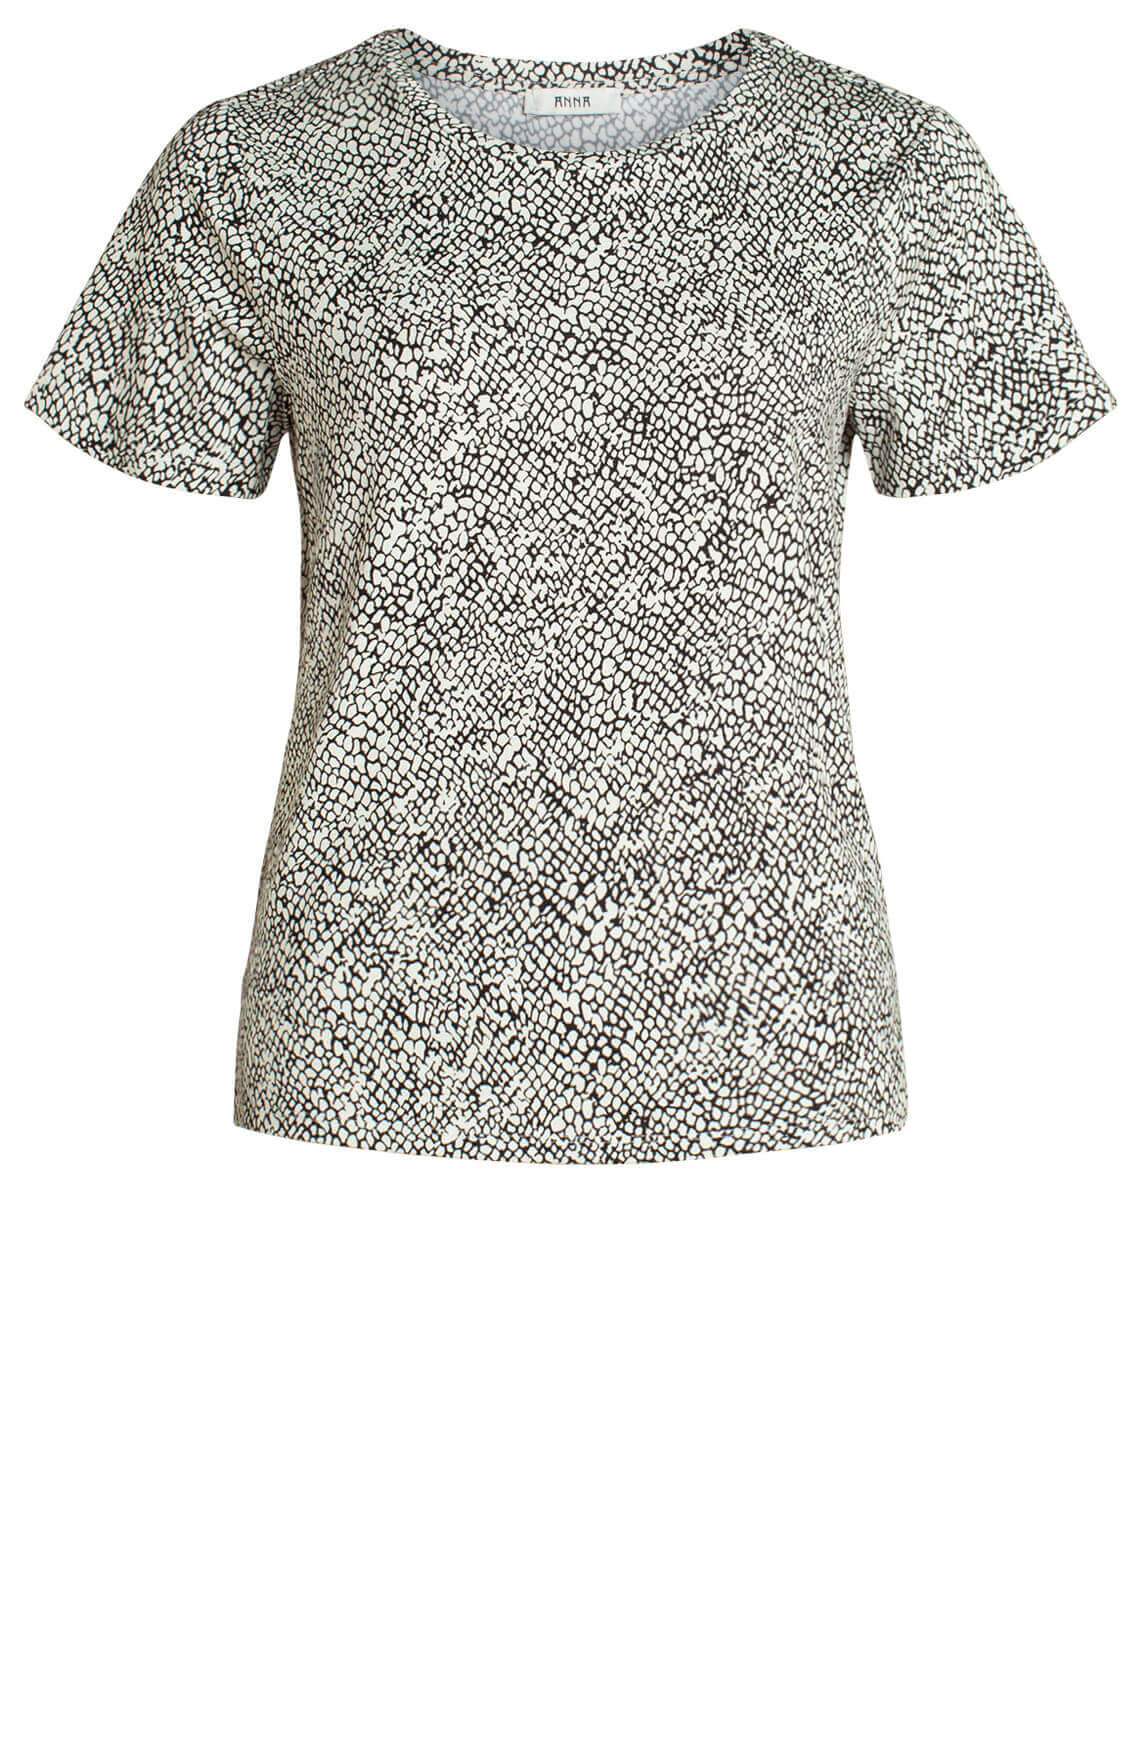 Anna Dames Shirt met print zwart